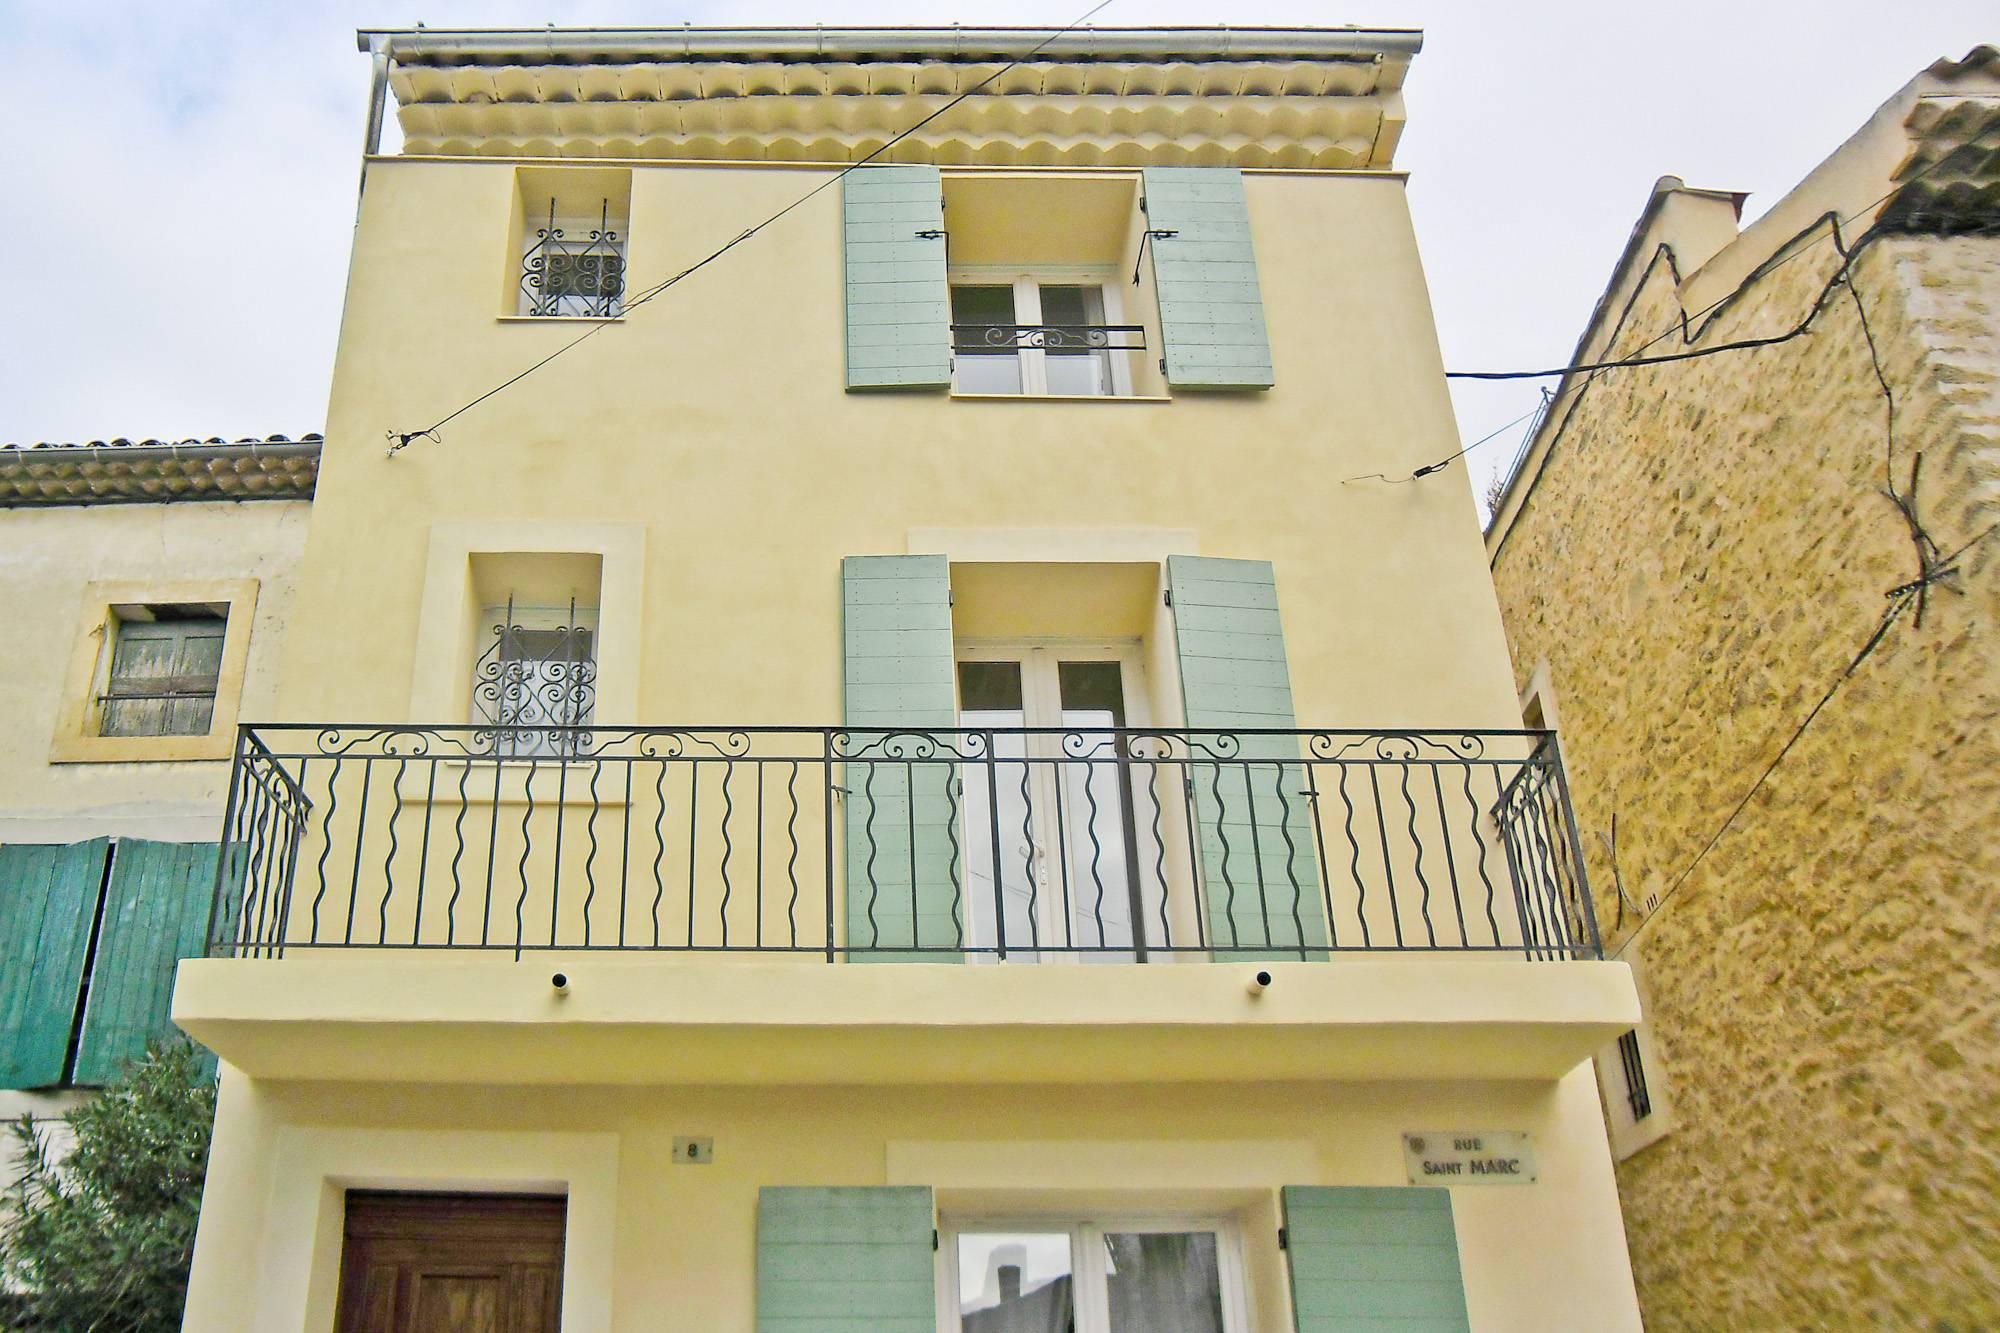 ITE Relius Therm et ravalement de façades à la chaux d'une maison de village à Lauris (84360)